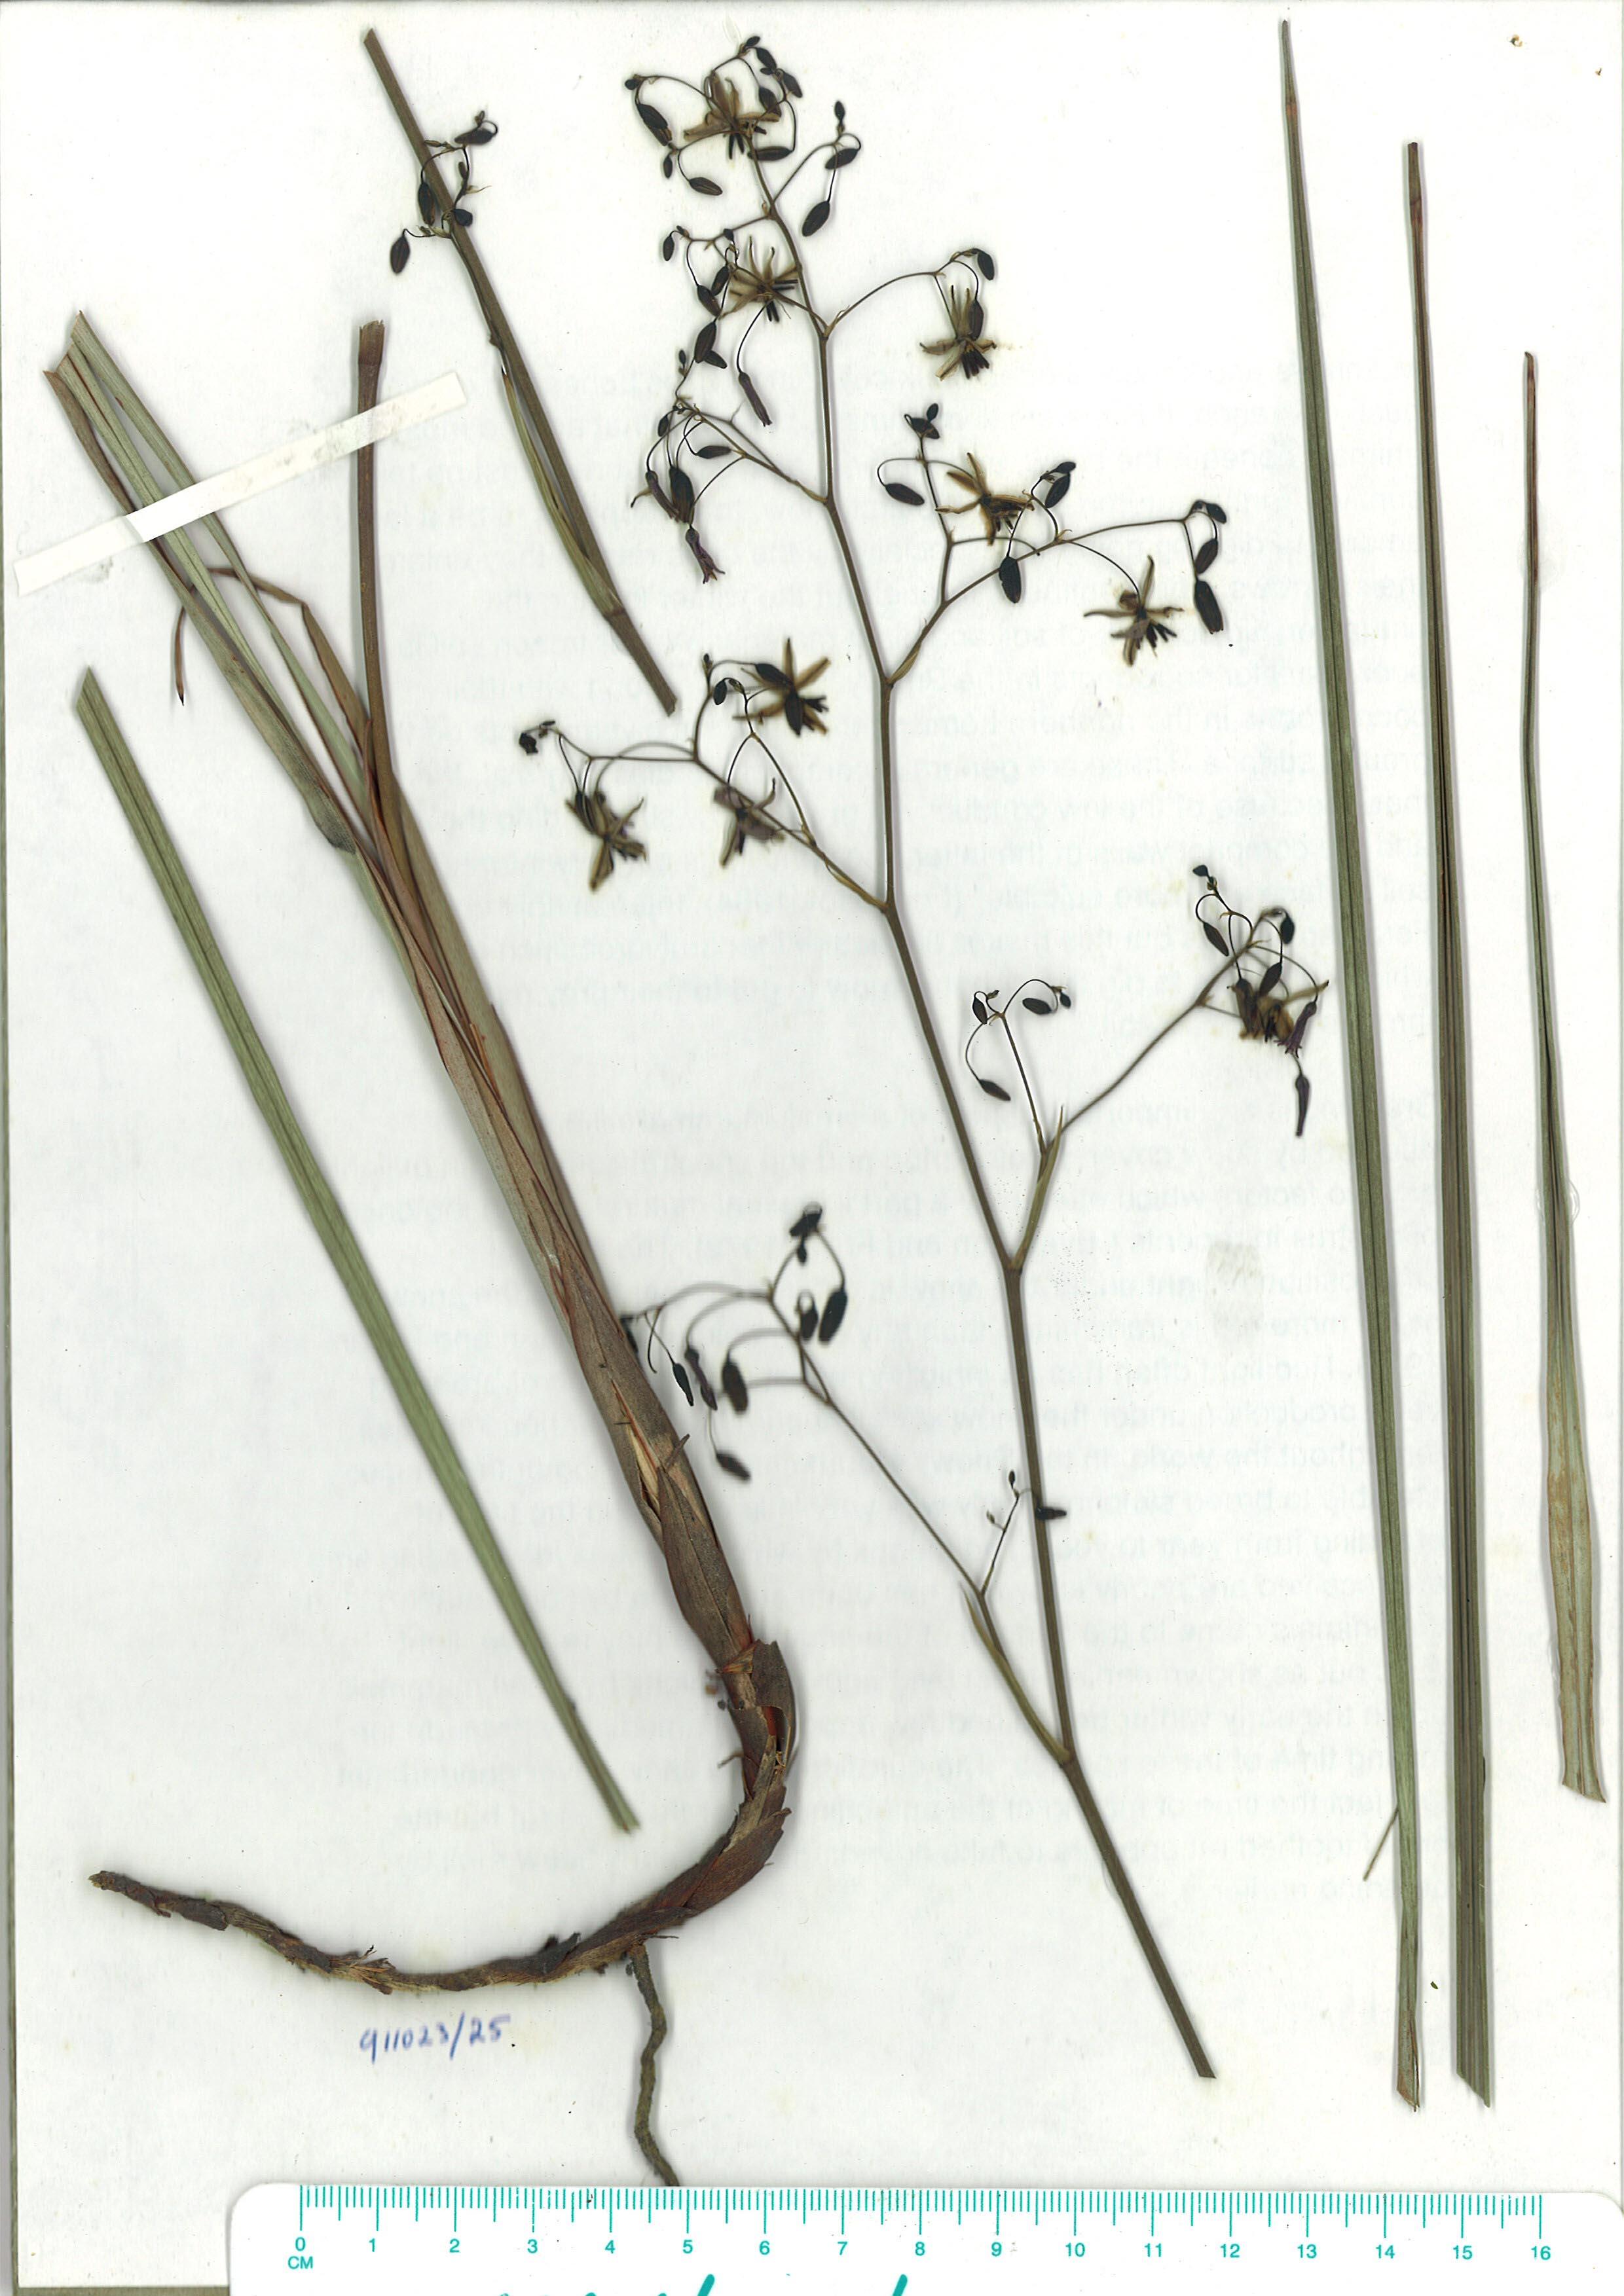 Scanned herbarium image of Dianellarevolutavar-revoluta